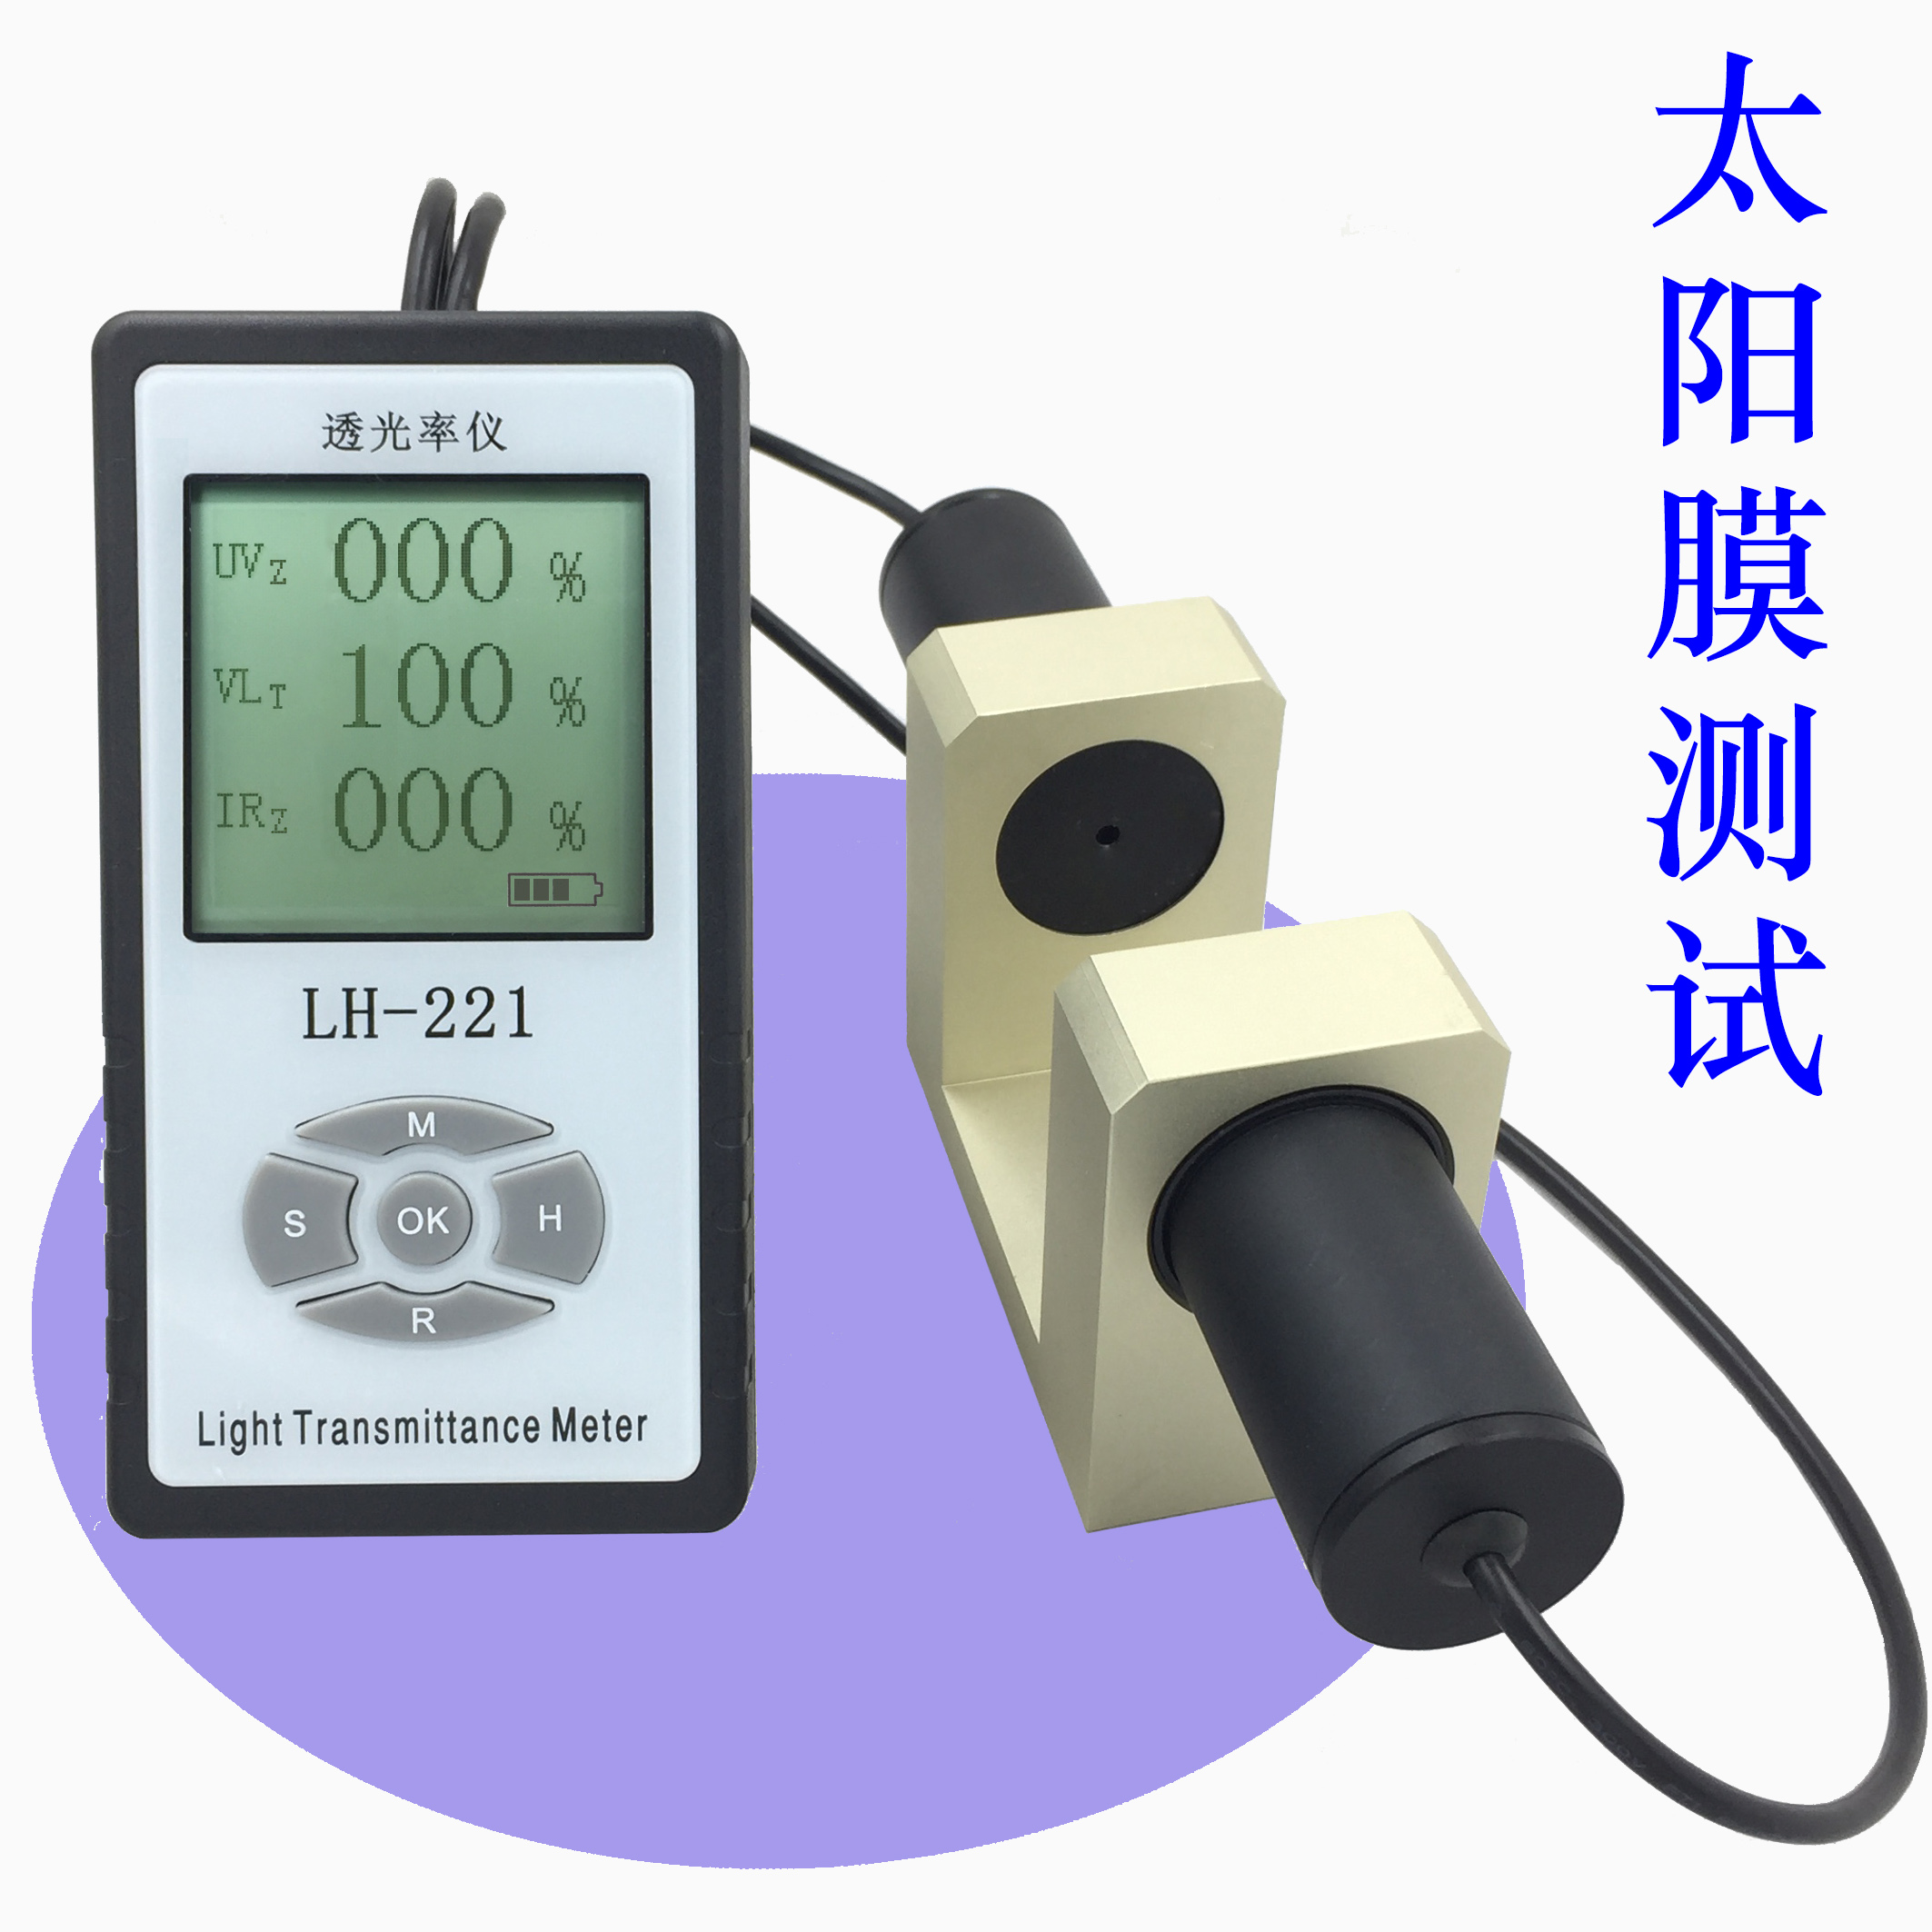 LH-221三波段玻璃透光率计太阳膜测试仪透光率仪84225295